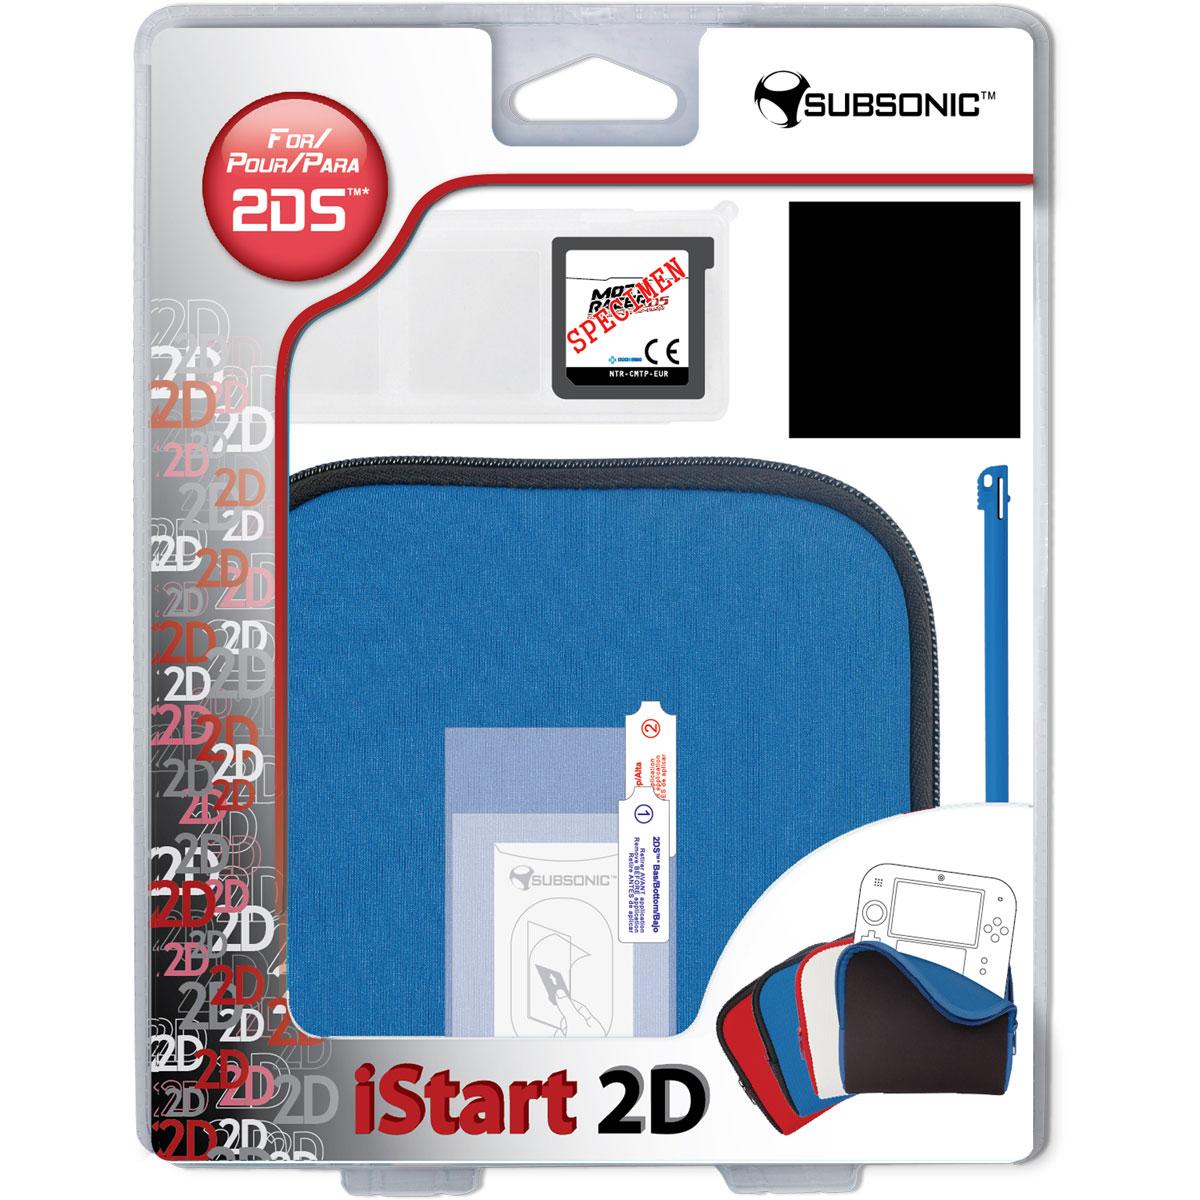 subsonic istart 2d bleu nintendo 2ds accessoires ds et 3ds subsonic sur. Black Bedroom Furniture Sets. Home Design Ideas